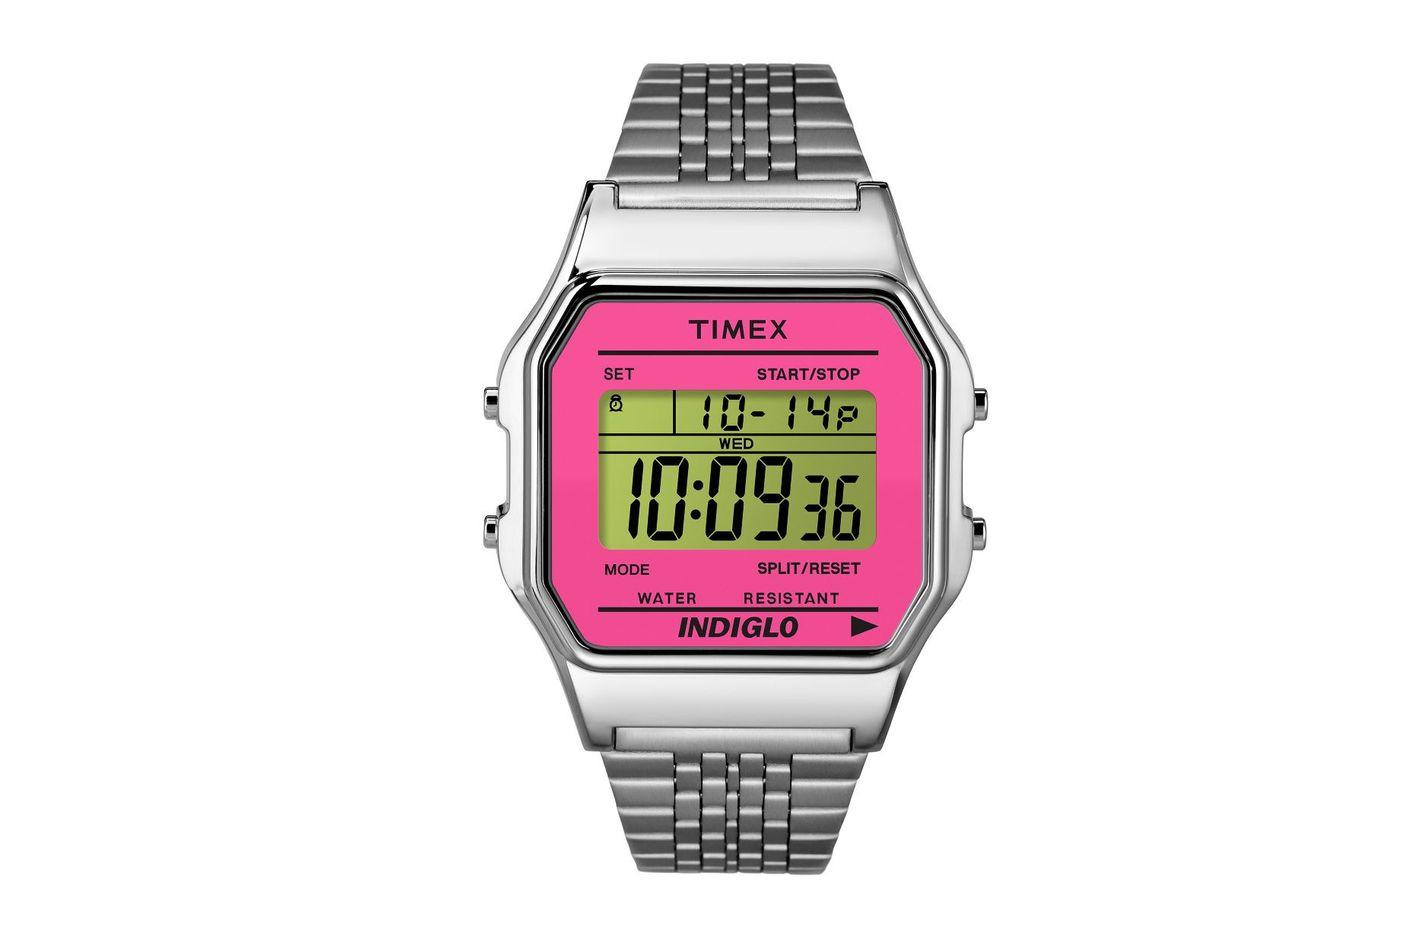 Timex Originals Timex 80 Watch